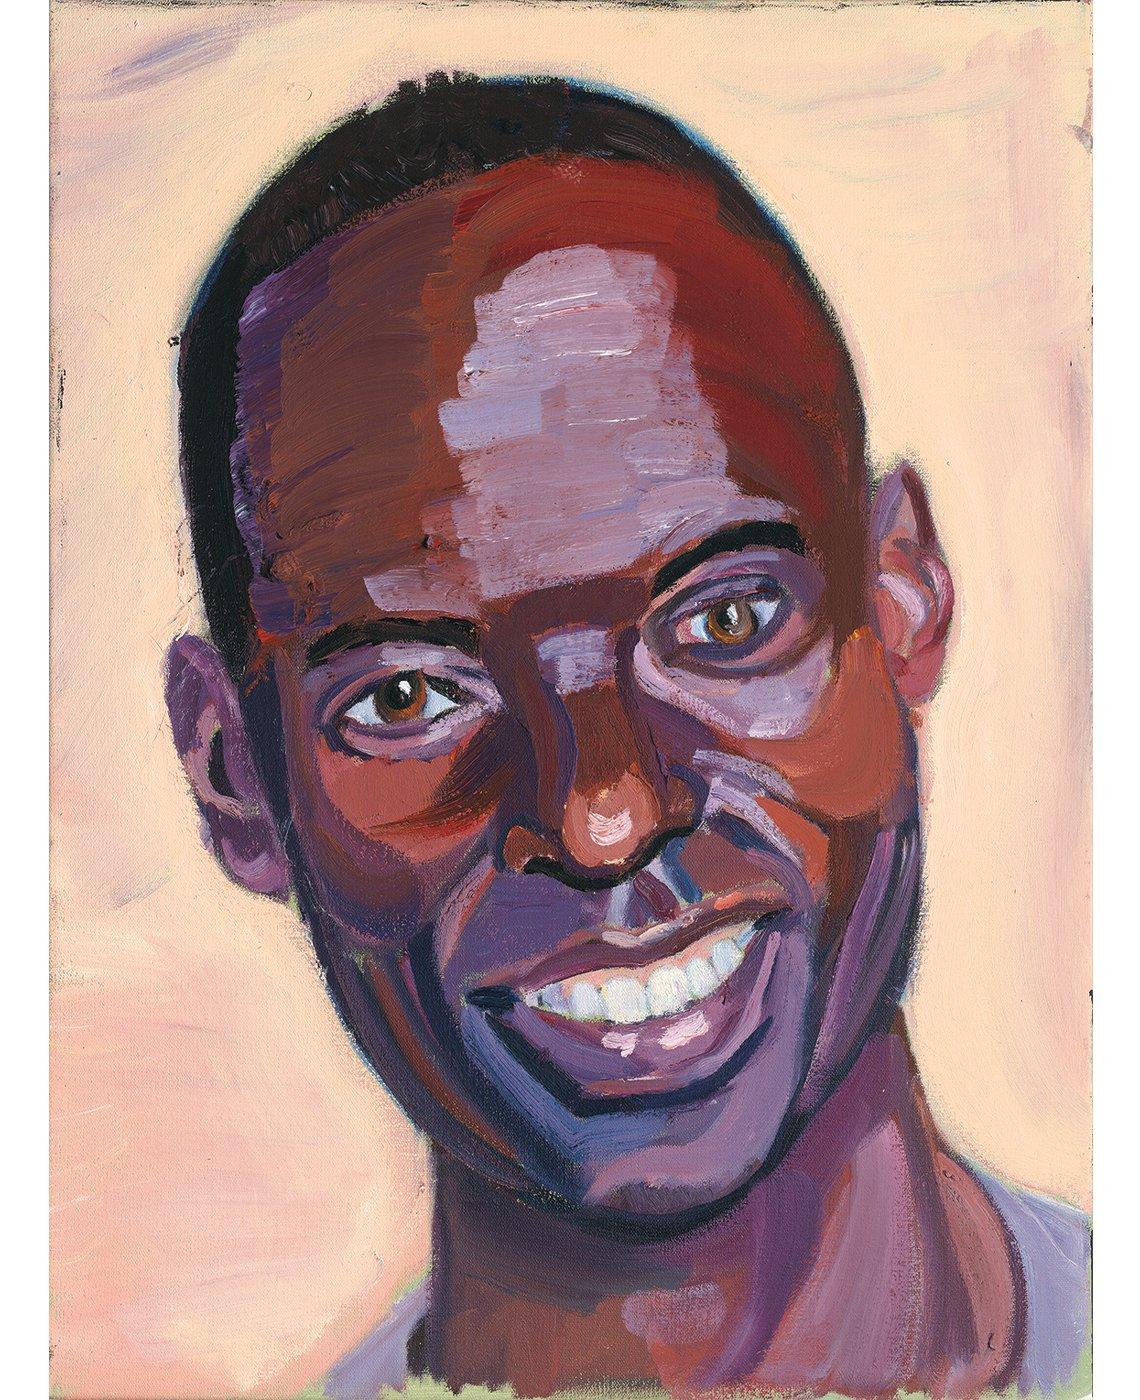 gilbert tuhabonye portrait by former president george w bush